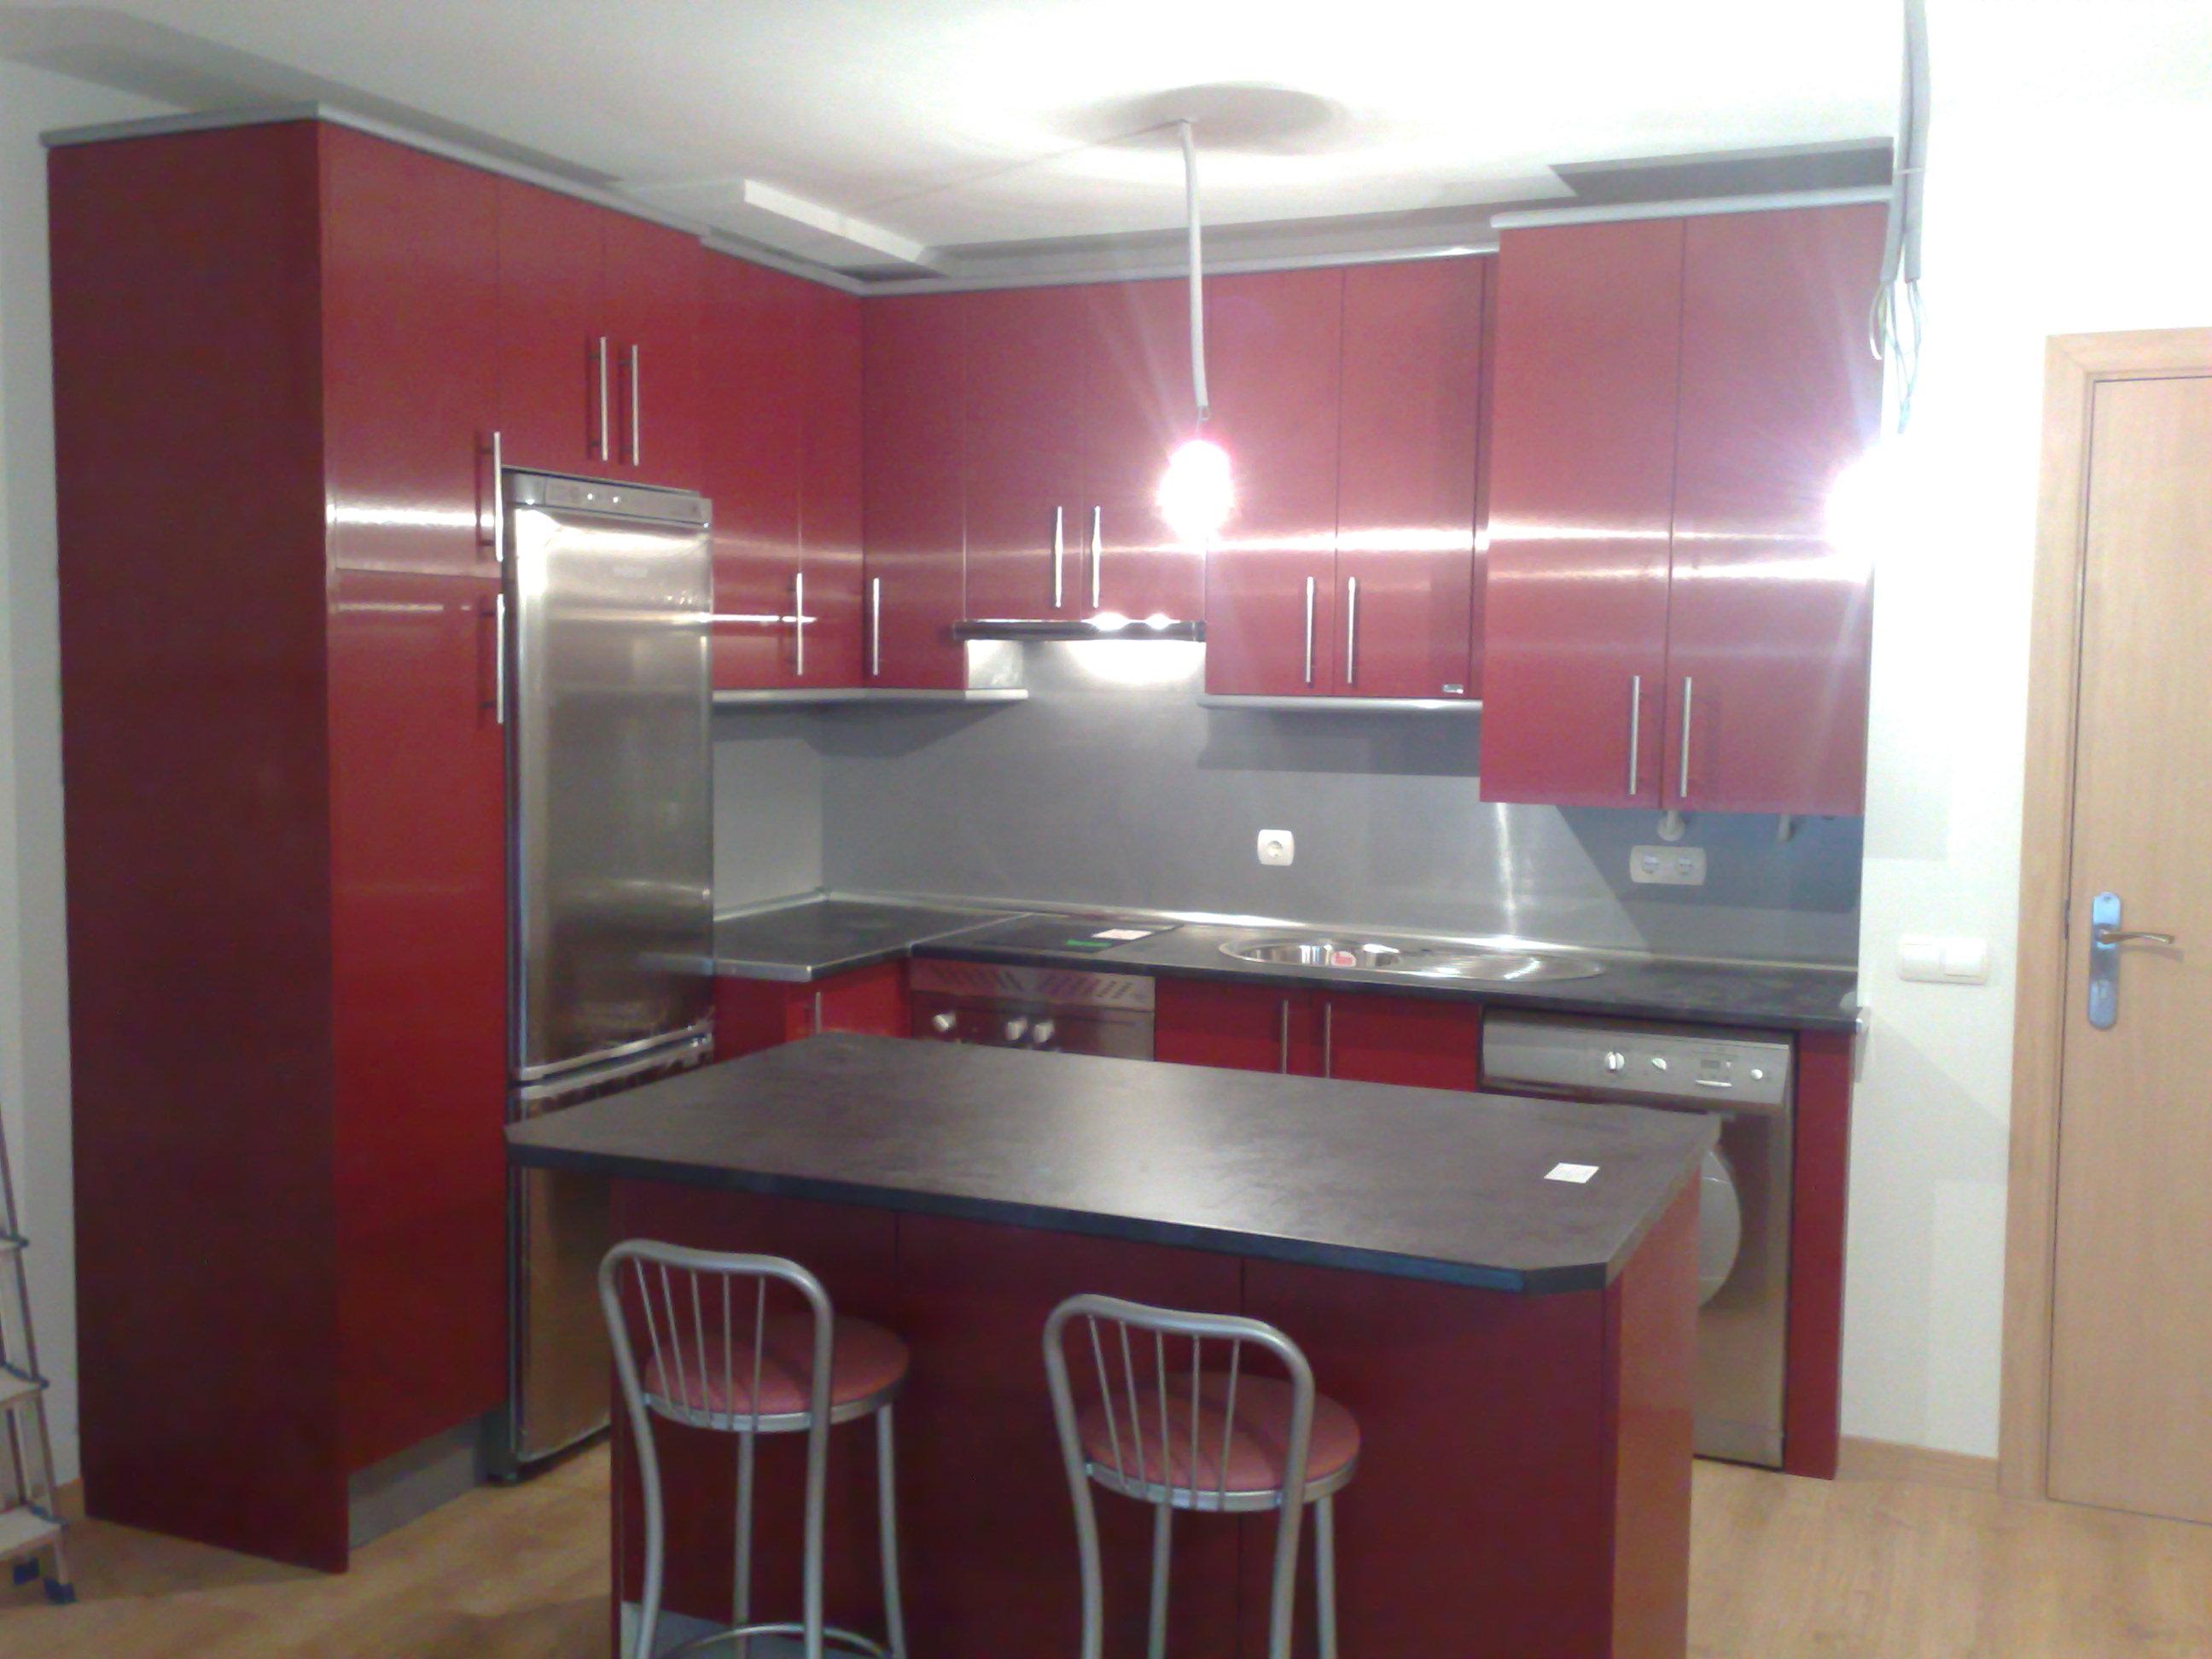 Muebles valdecocina muebles de cocina for Muebles plateros cocina